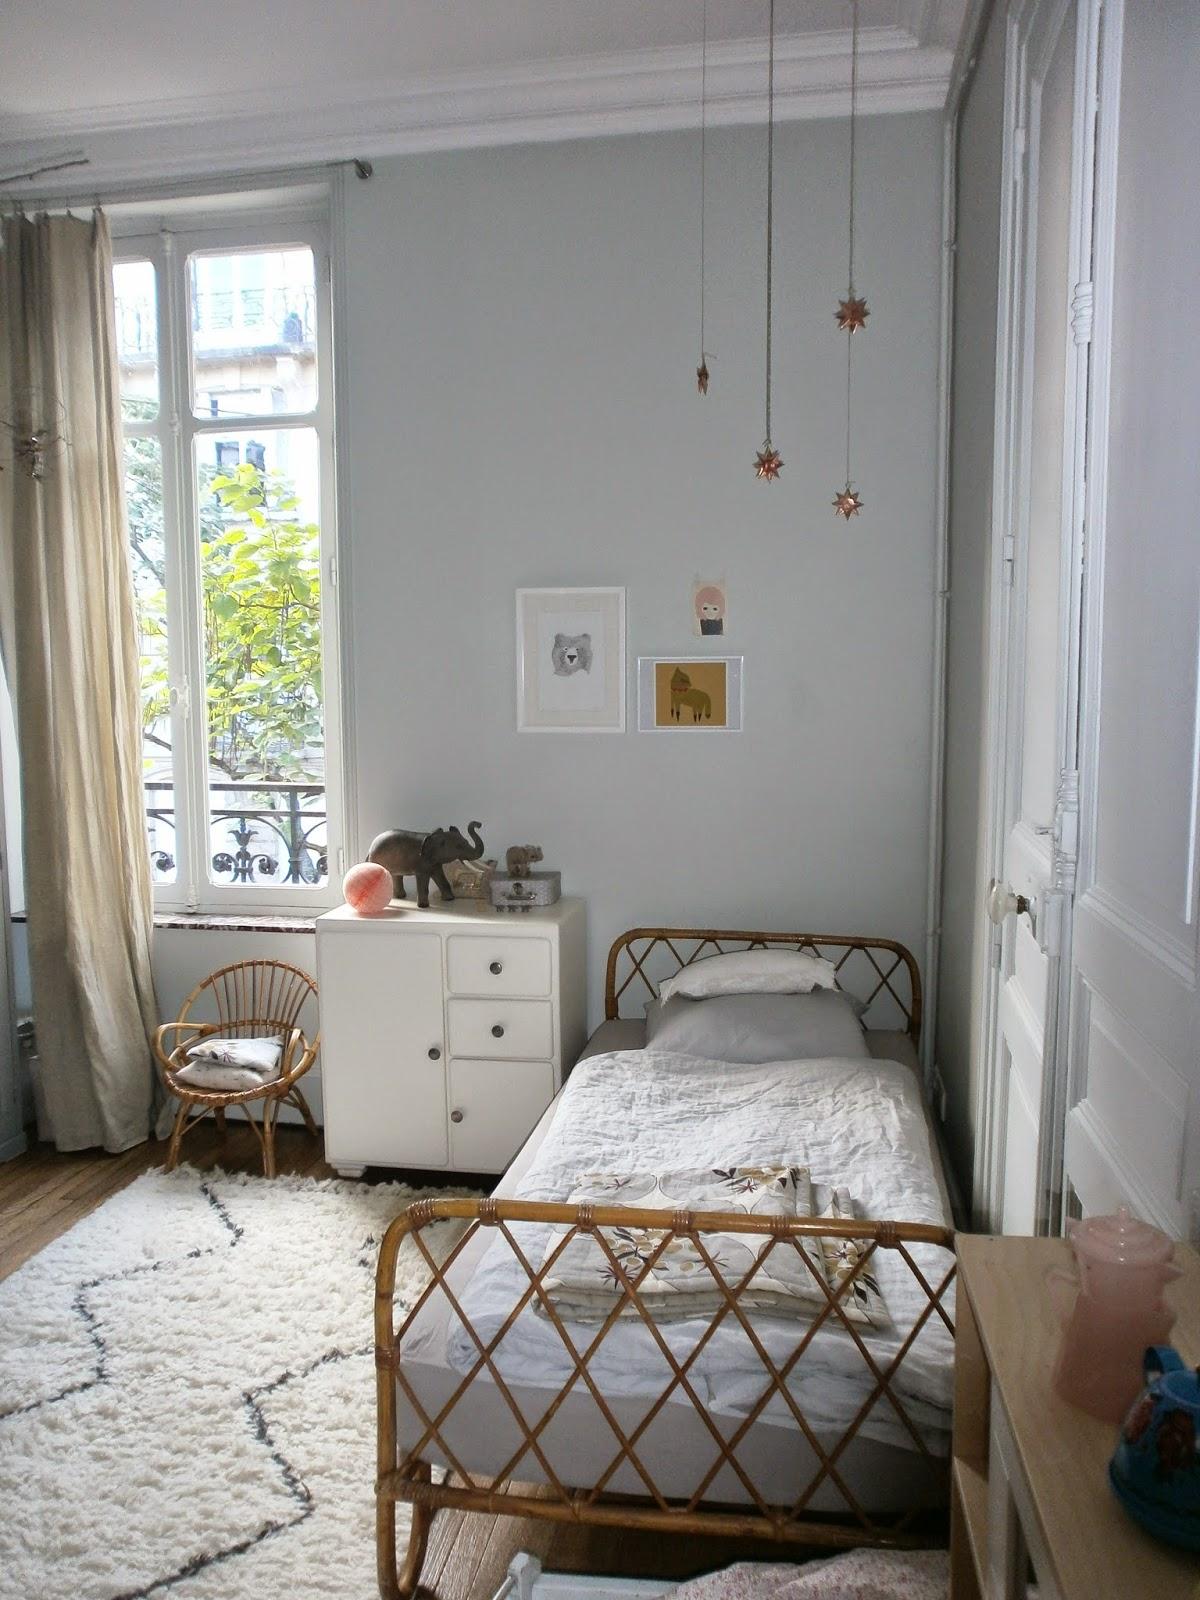 Gris souris chacun sa chambre - Chambre gris souris ...